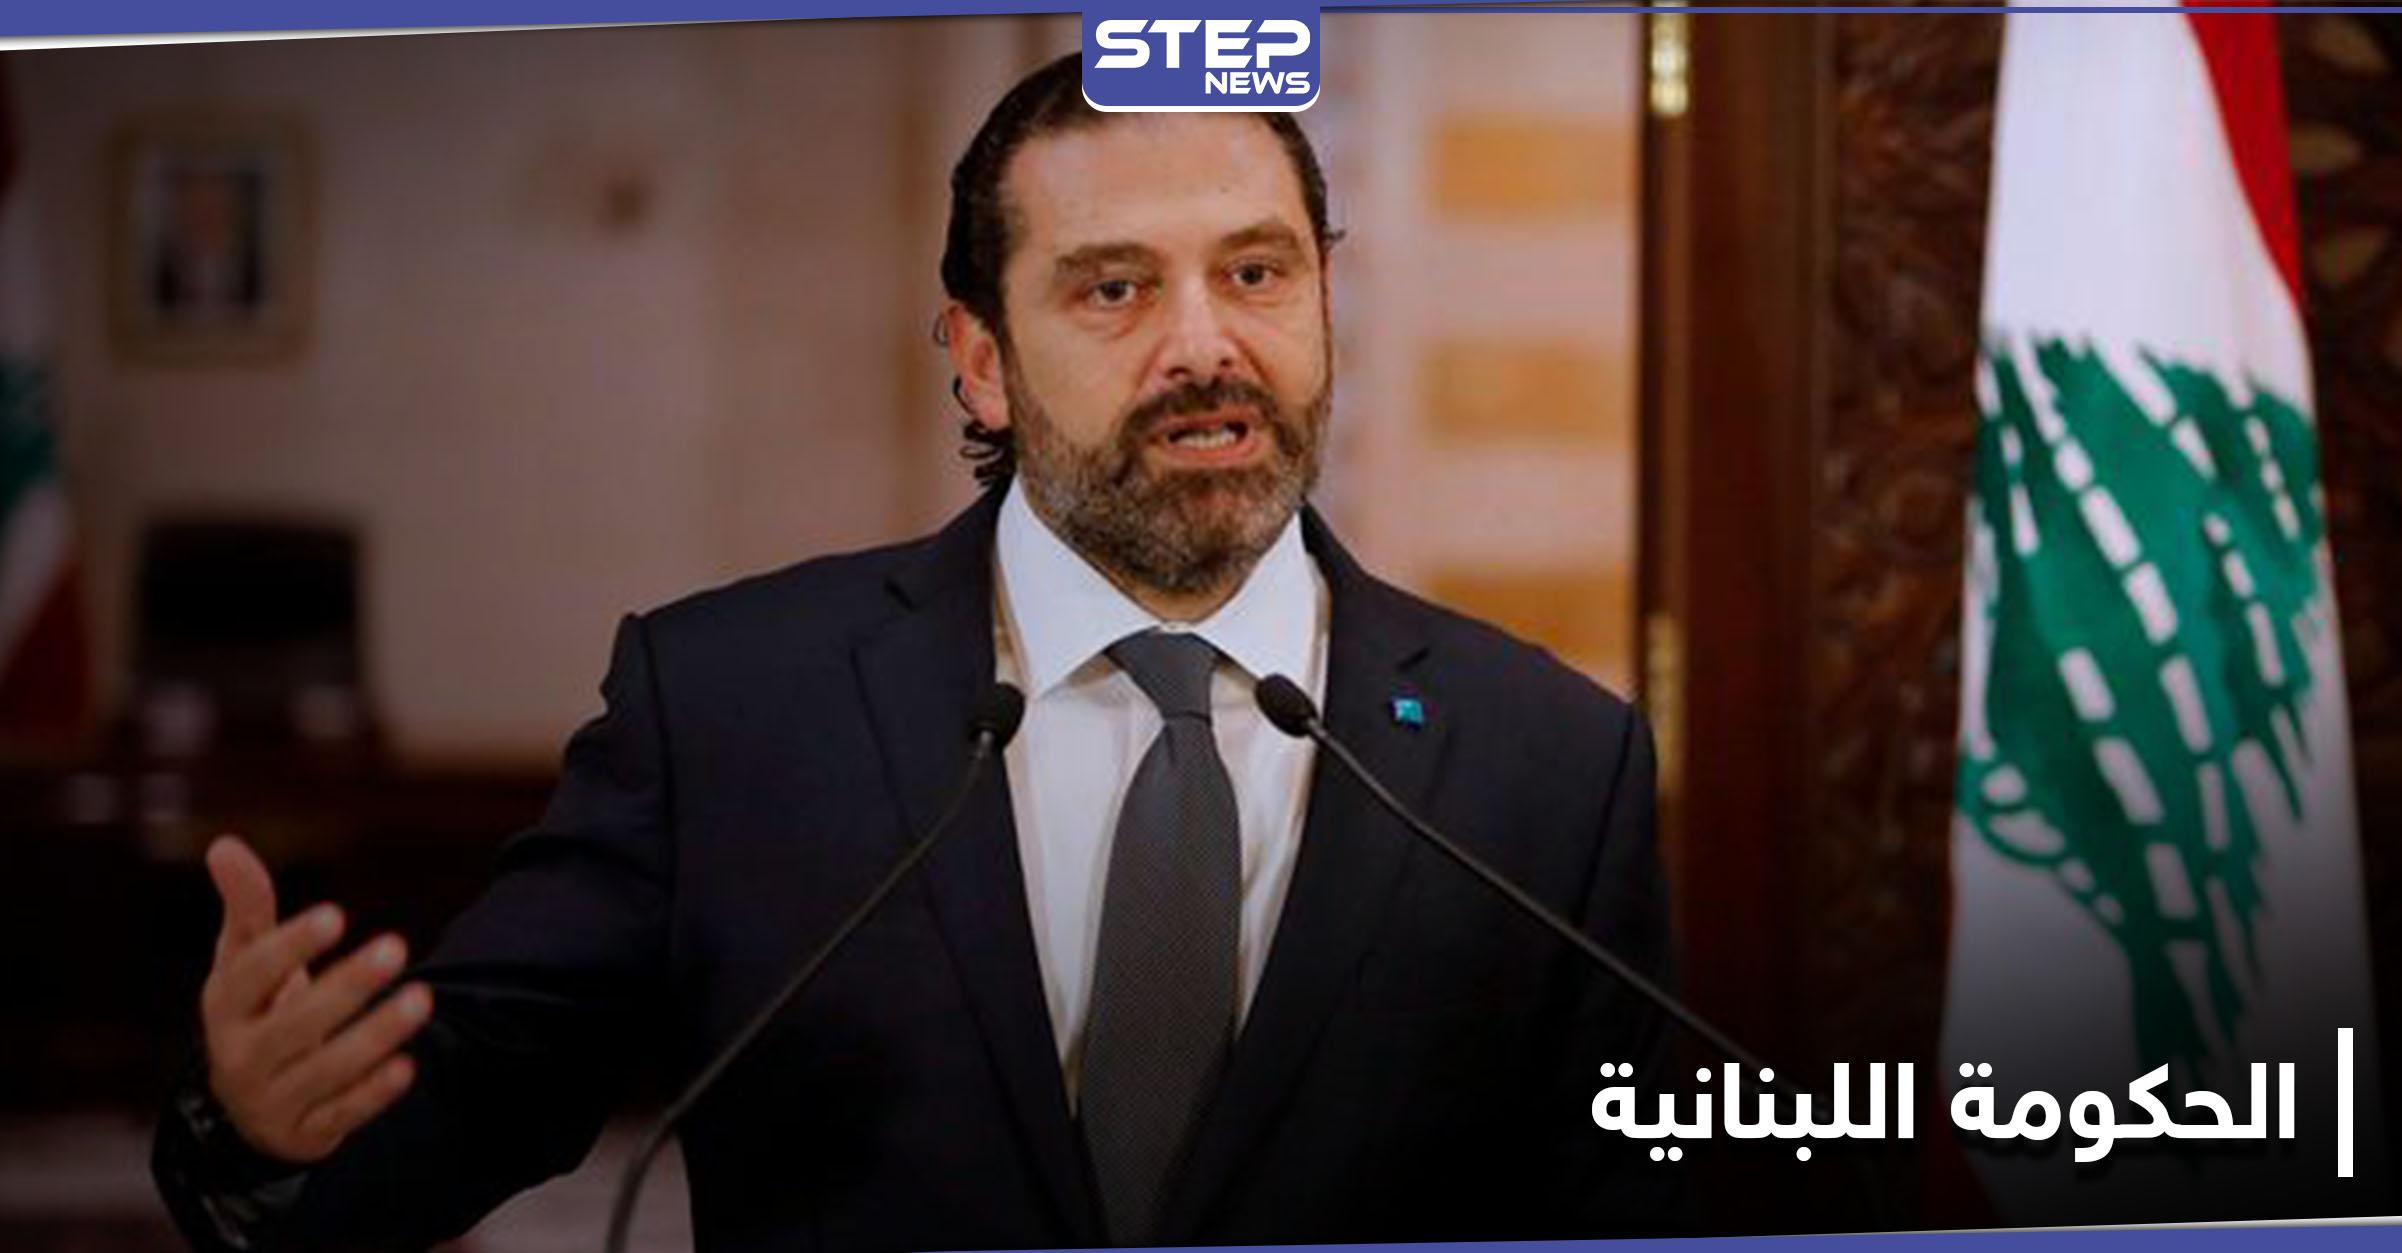 سعد الحريري.. يكشف عن أمل لبنان الوحيد ويحذر من حرب أهلية